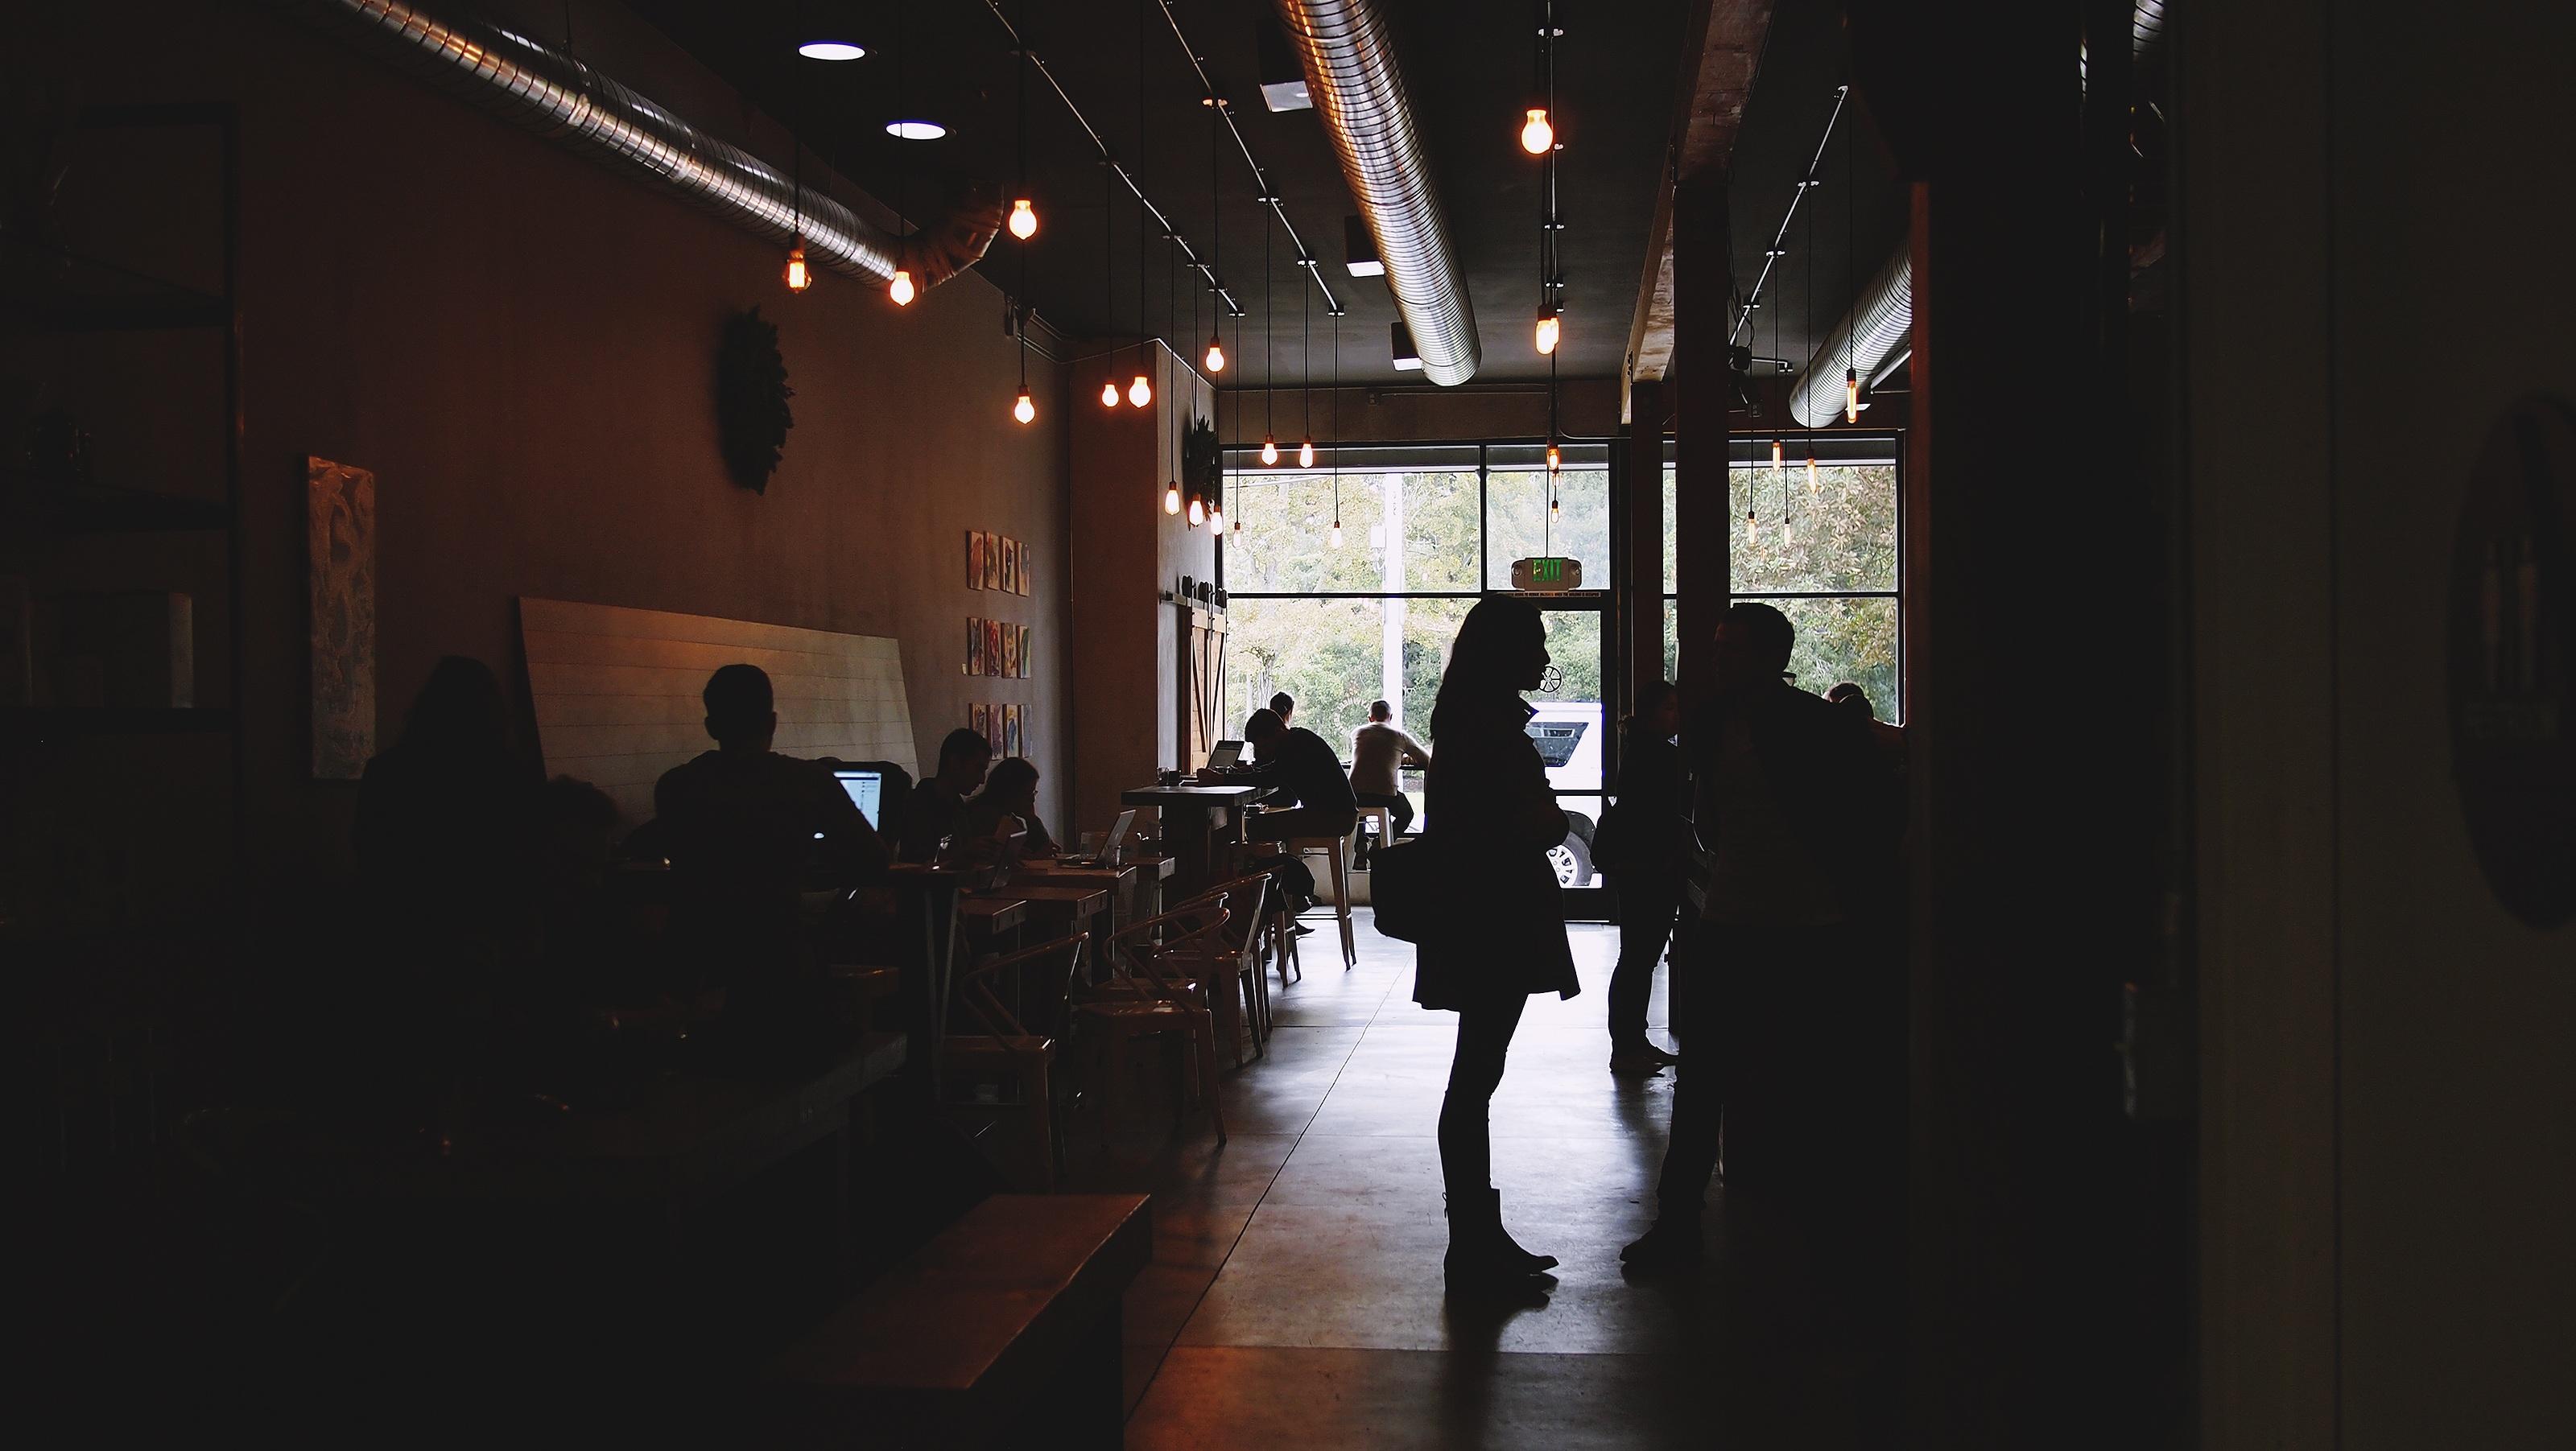 Kostenlose foto : Arbeiten, Cafe, Menschen, Nacht-, Dunkelheit ...